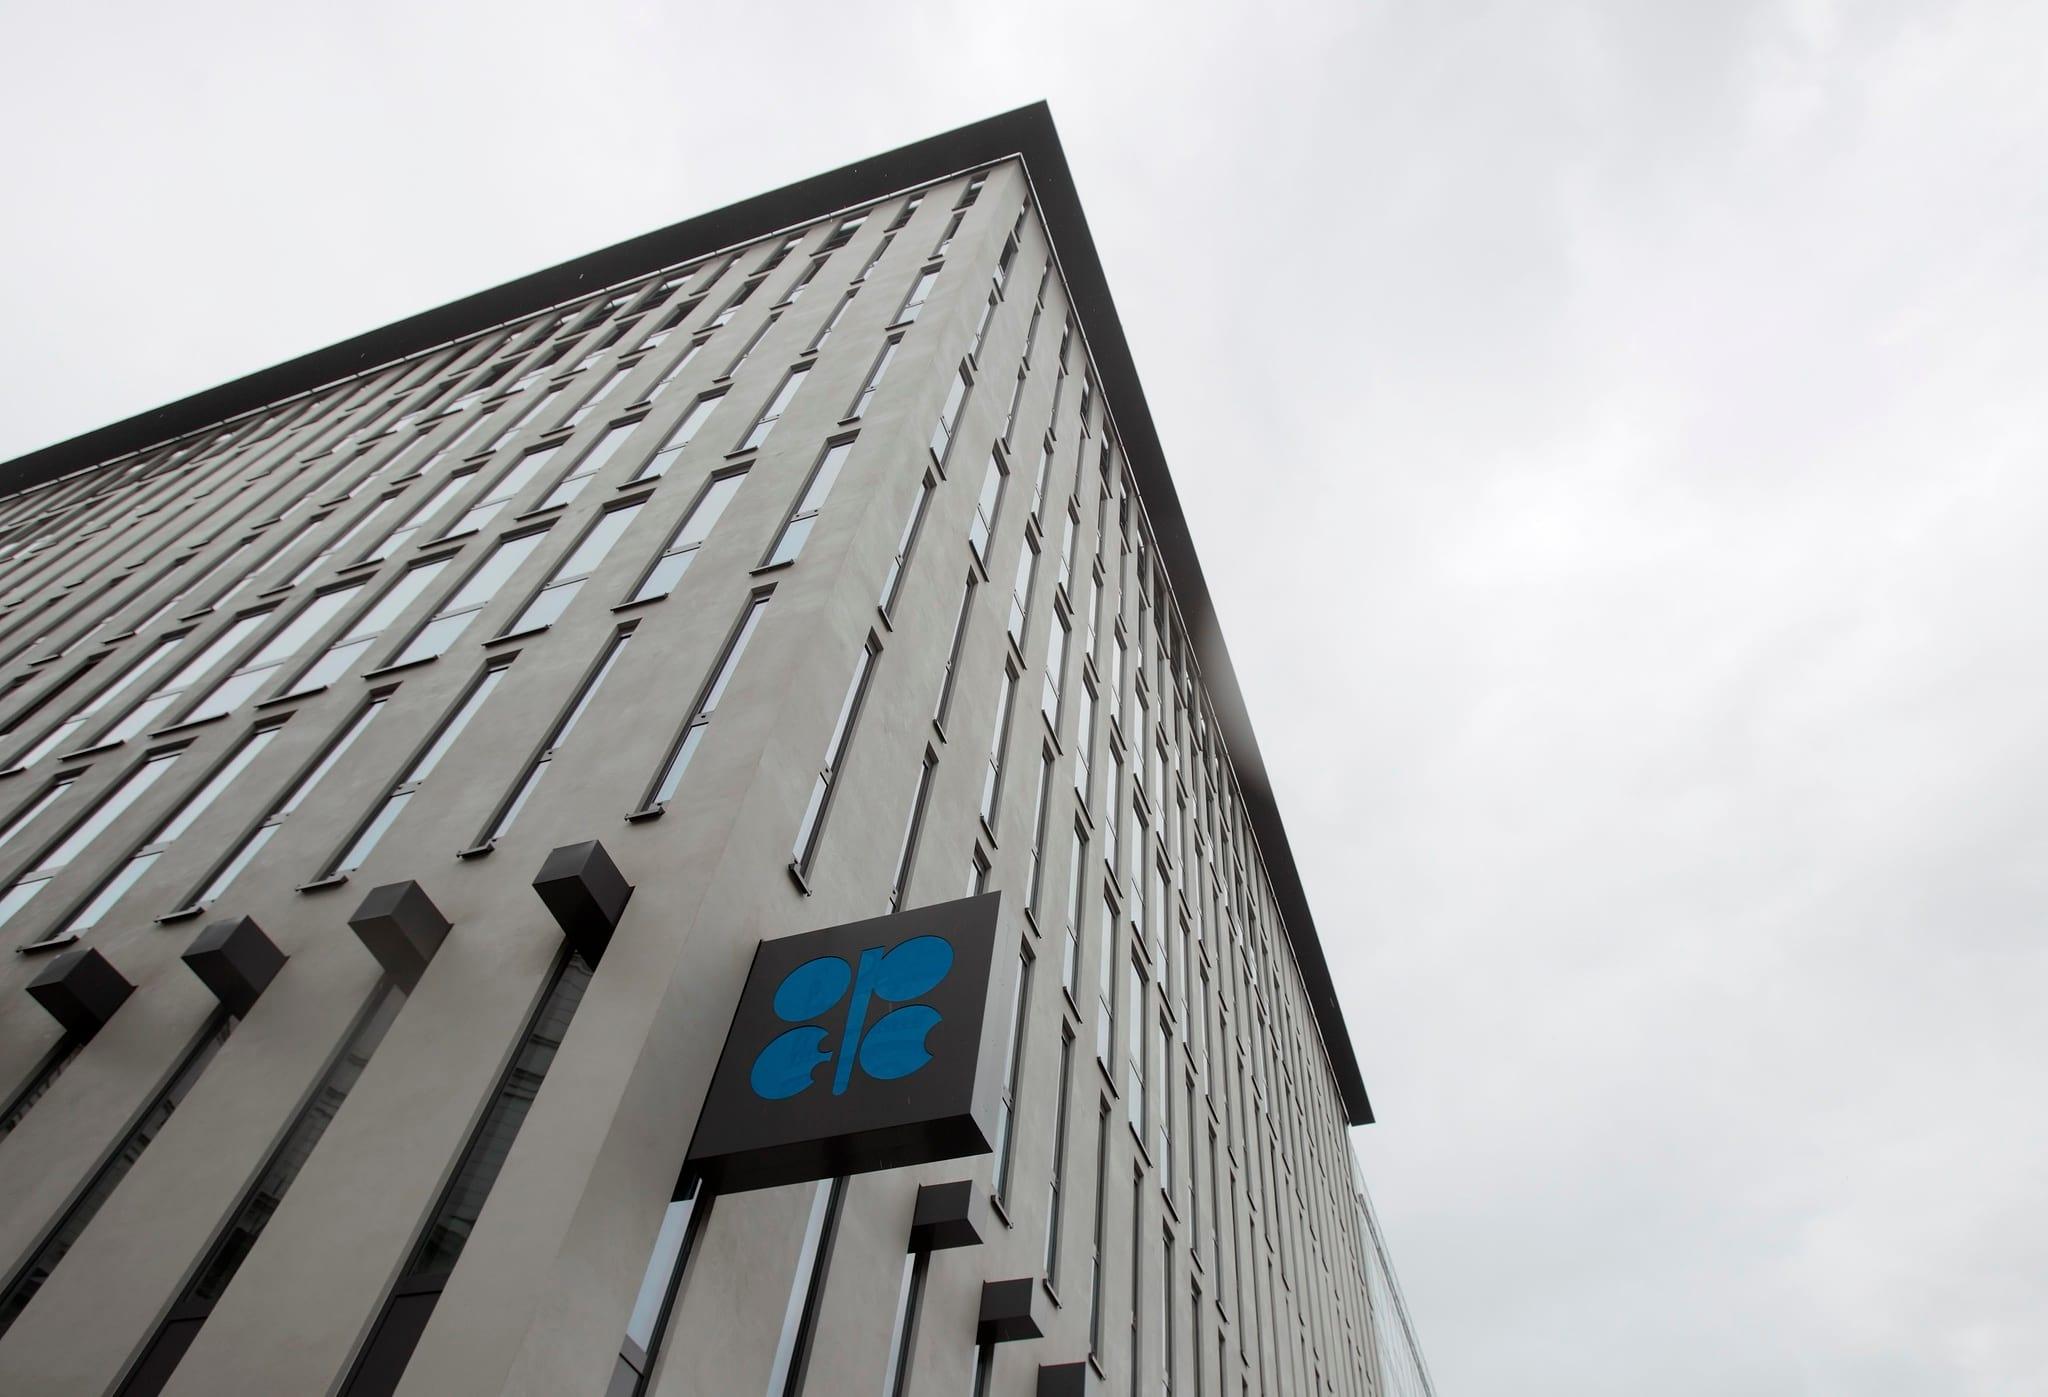 PÚBLICO - Países fora da OPEP comprometem-se a cortar produção de petróleo